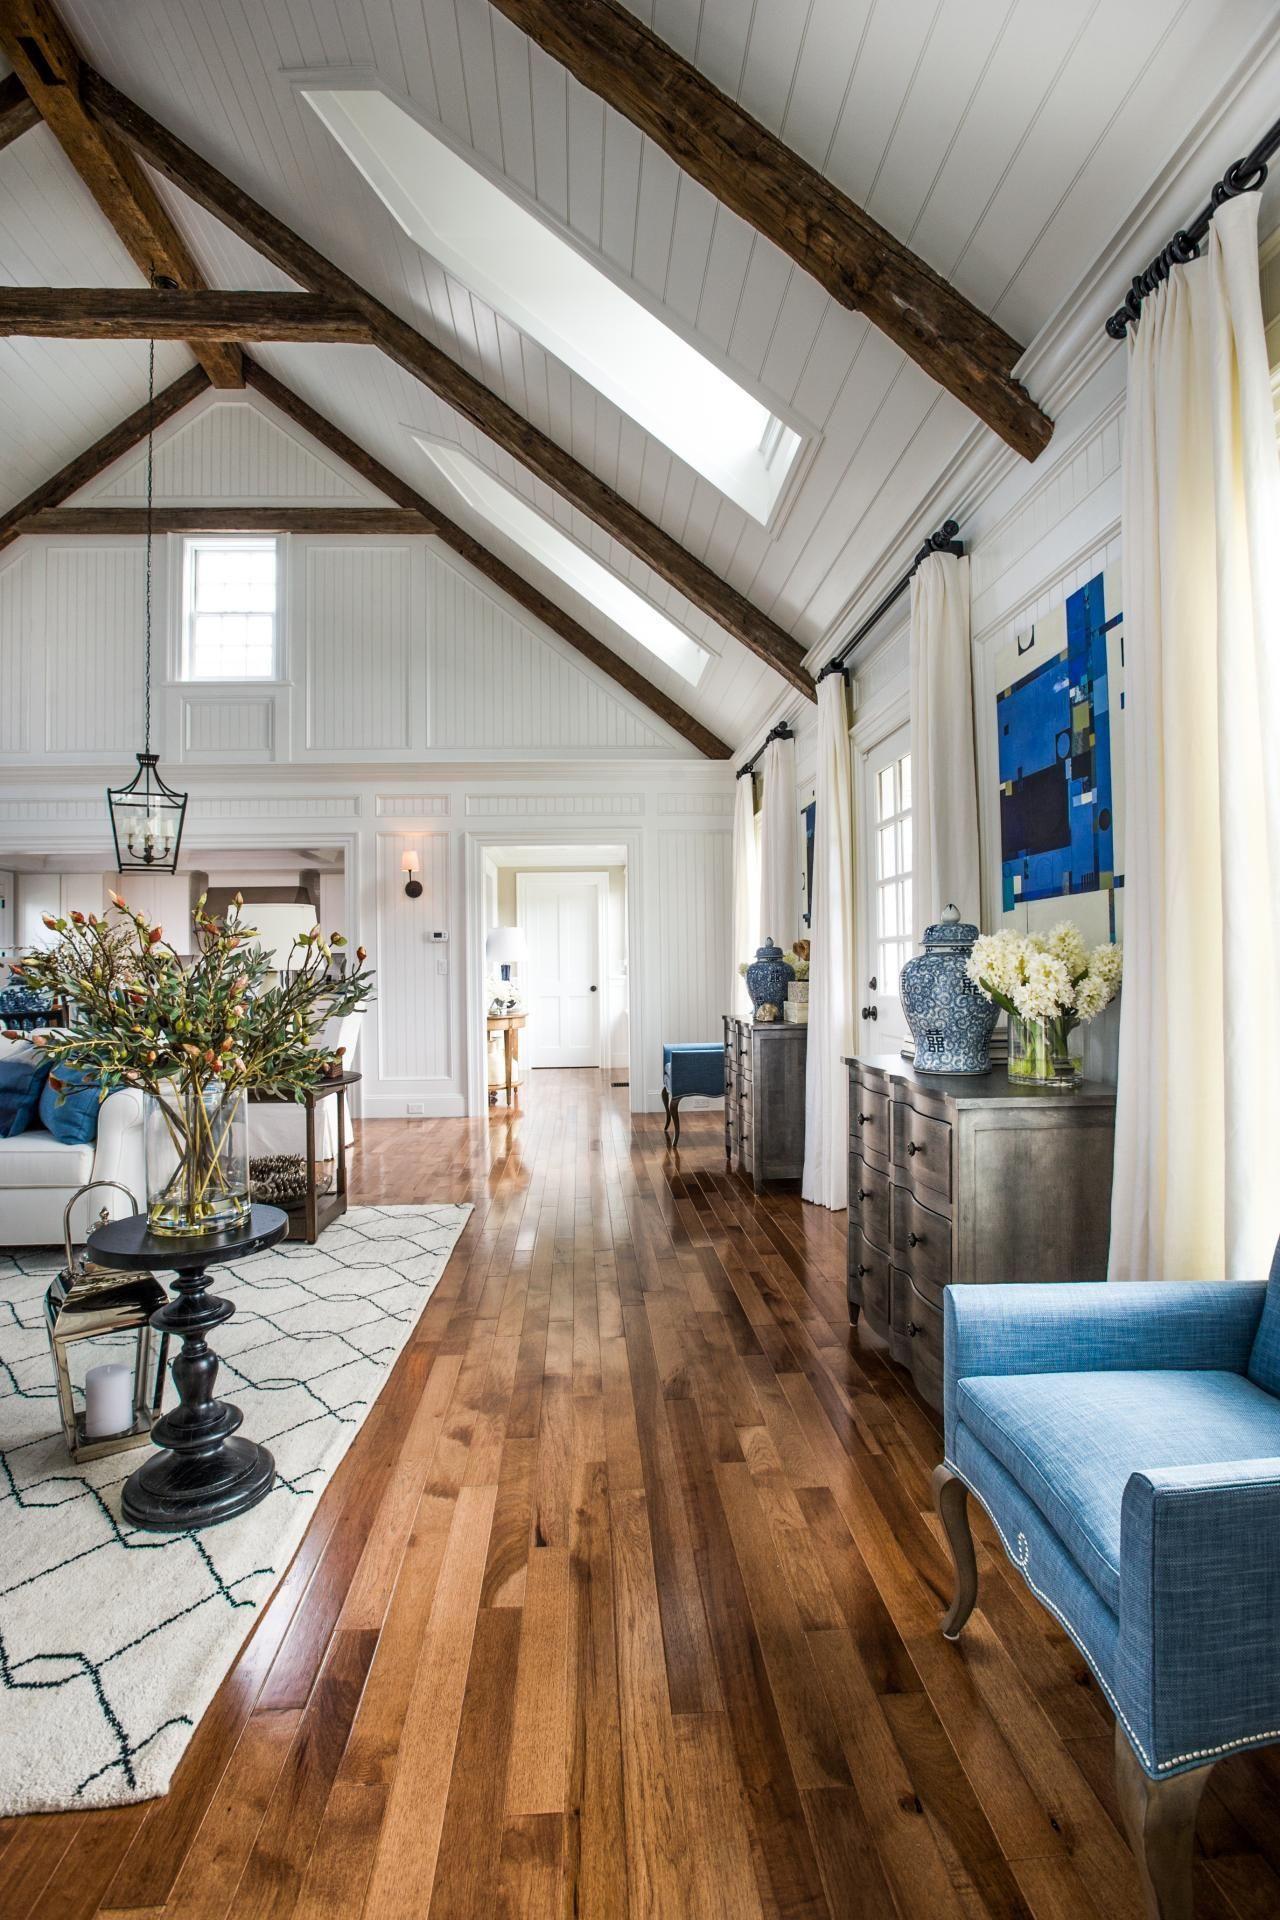 refinish hardwood floors gray of floor hgtv dream home 2015 dream kitchen grand room pinterest intended for floor hgtv dream home 2015